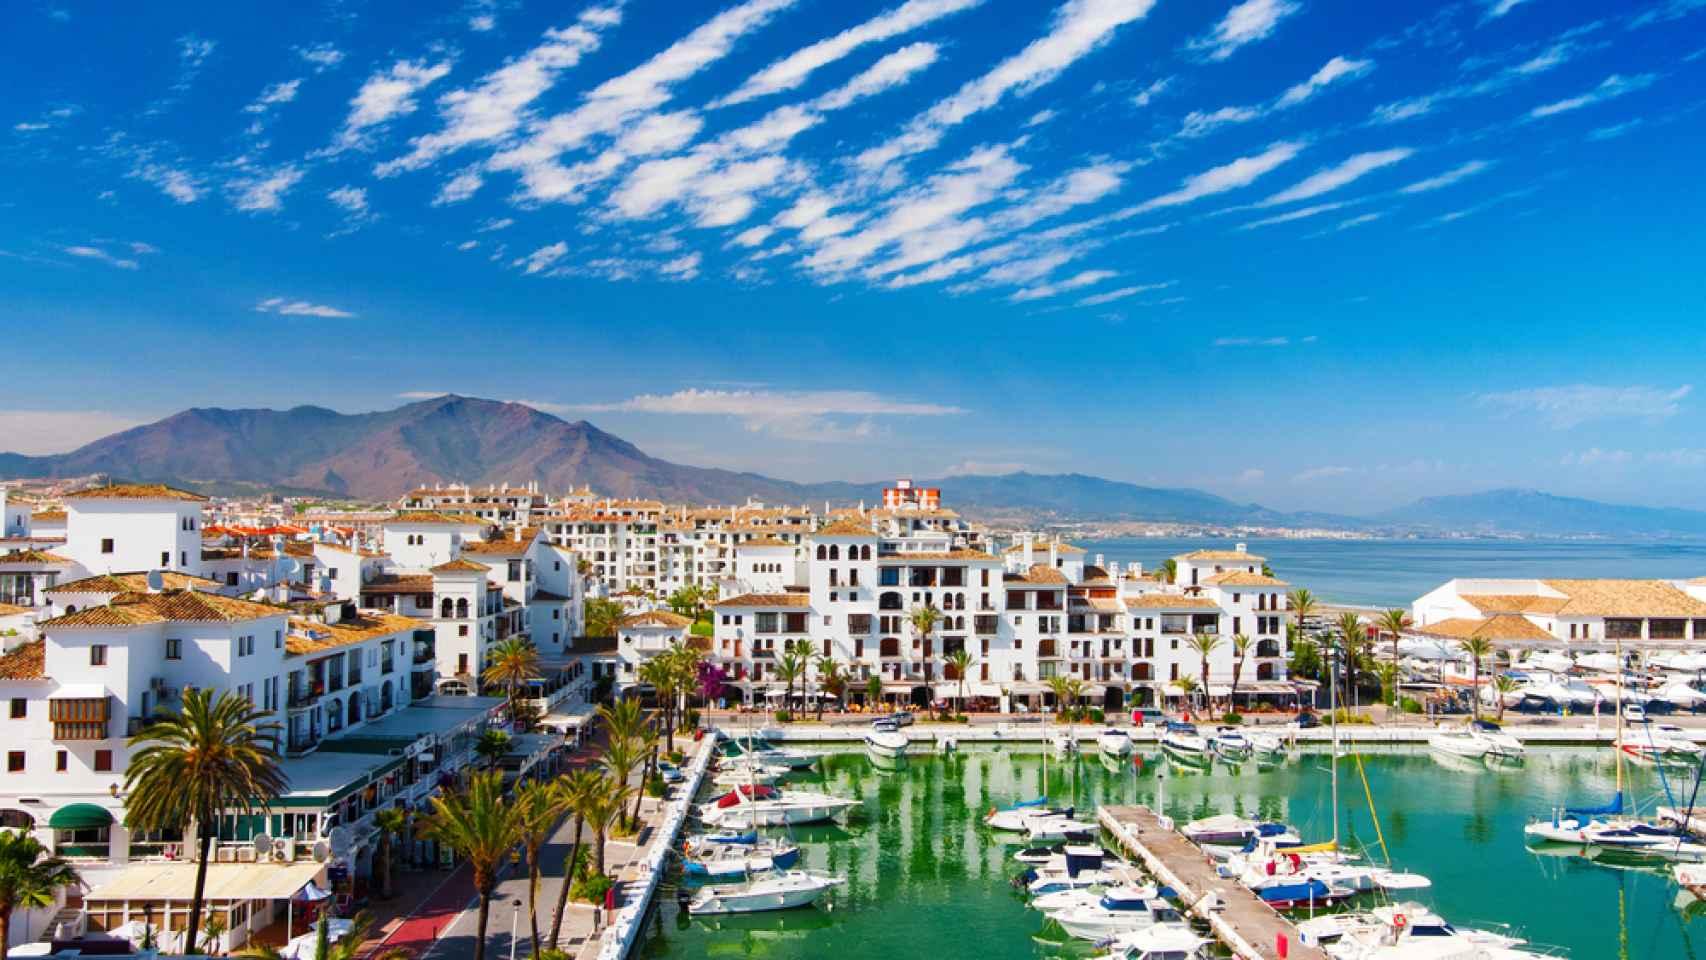 Puerto Banus, la zona más elitista de Marbella, considerada la 'capital' de la Costa del Sol.